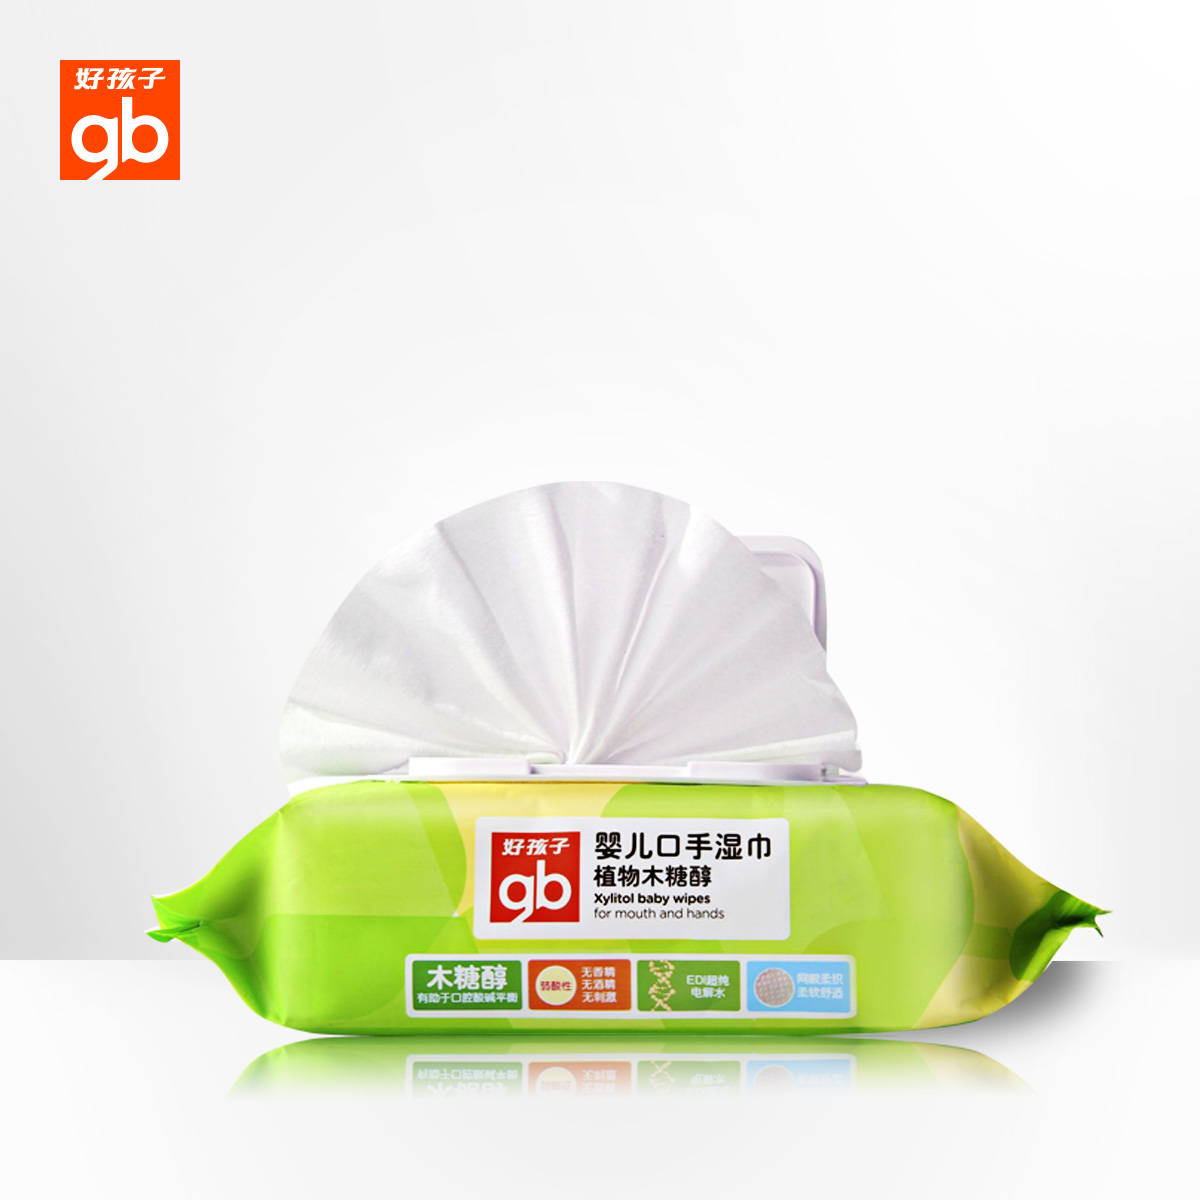 寶寶濕巾紙 紙巾木糖醇好孩子袋裝口手濕巾嬰兒植物